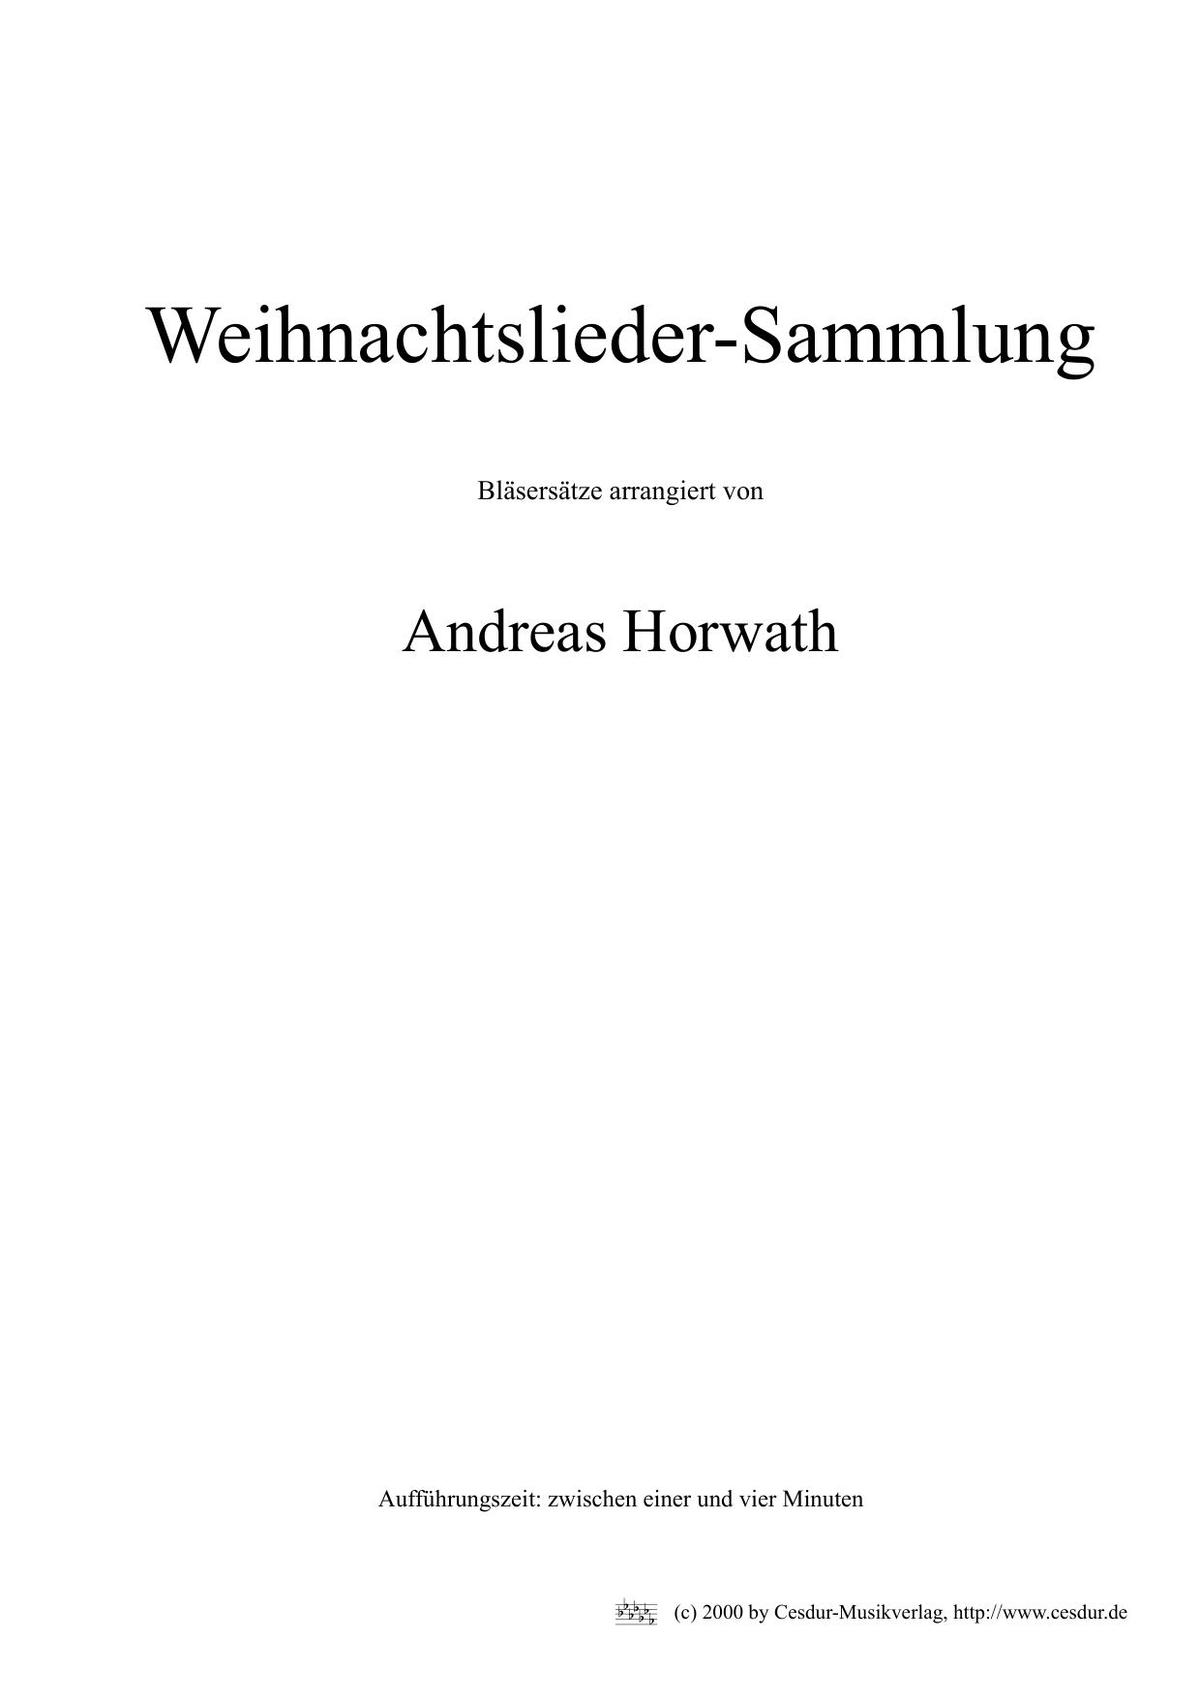 Weihnachtslieder Texte Sammlung.Dvo Druck Und Verlag Obermayer Gmbh